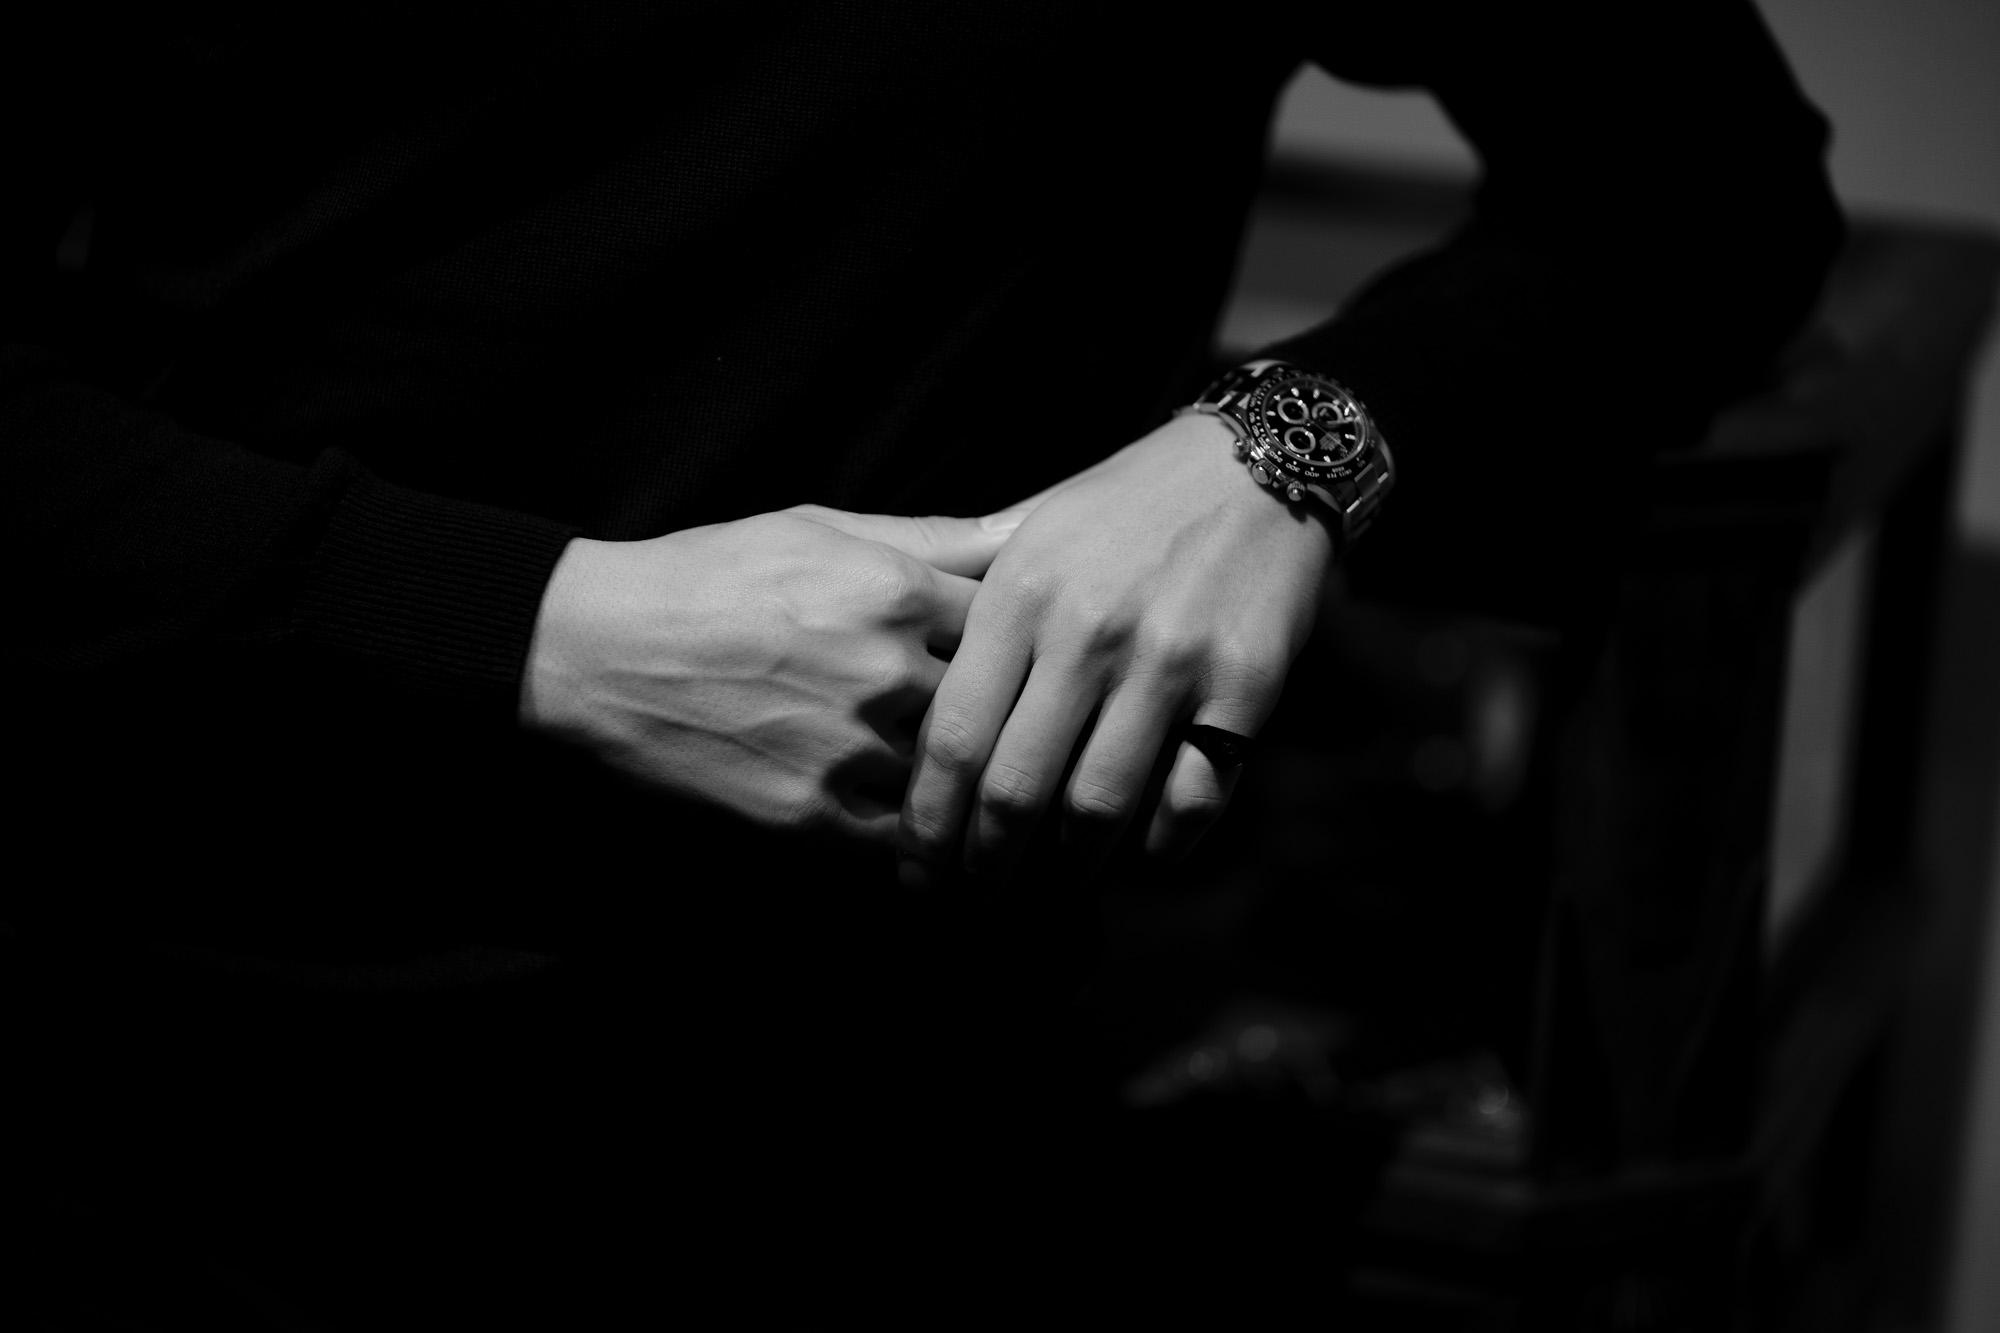 FIXER(フィクサー) ILLUMINATI EYES RING BLACK RHODIUM(ブラック ロジウム) イルミナティ アイズリング BLACK(ブラック) 2020 【ご予約開始】【2020.4.11(Sat)~2020.5.03(Sun)】愛知 名古屋 altoediritto アルトエデリット スペシャルリング